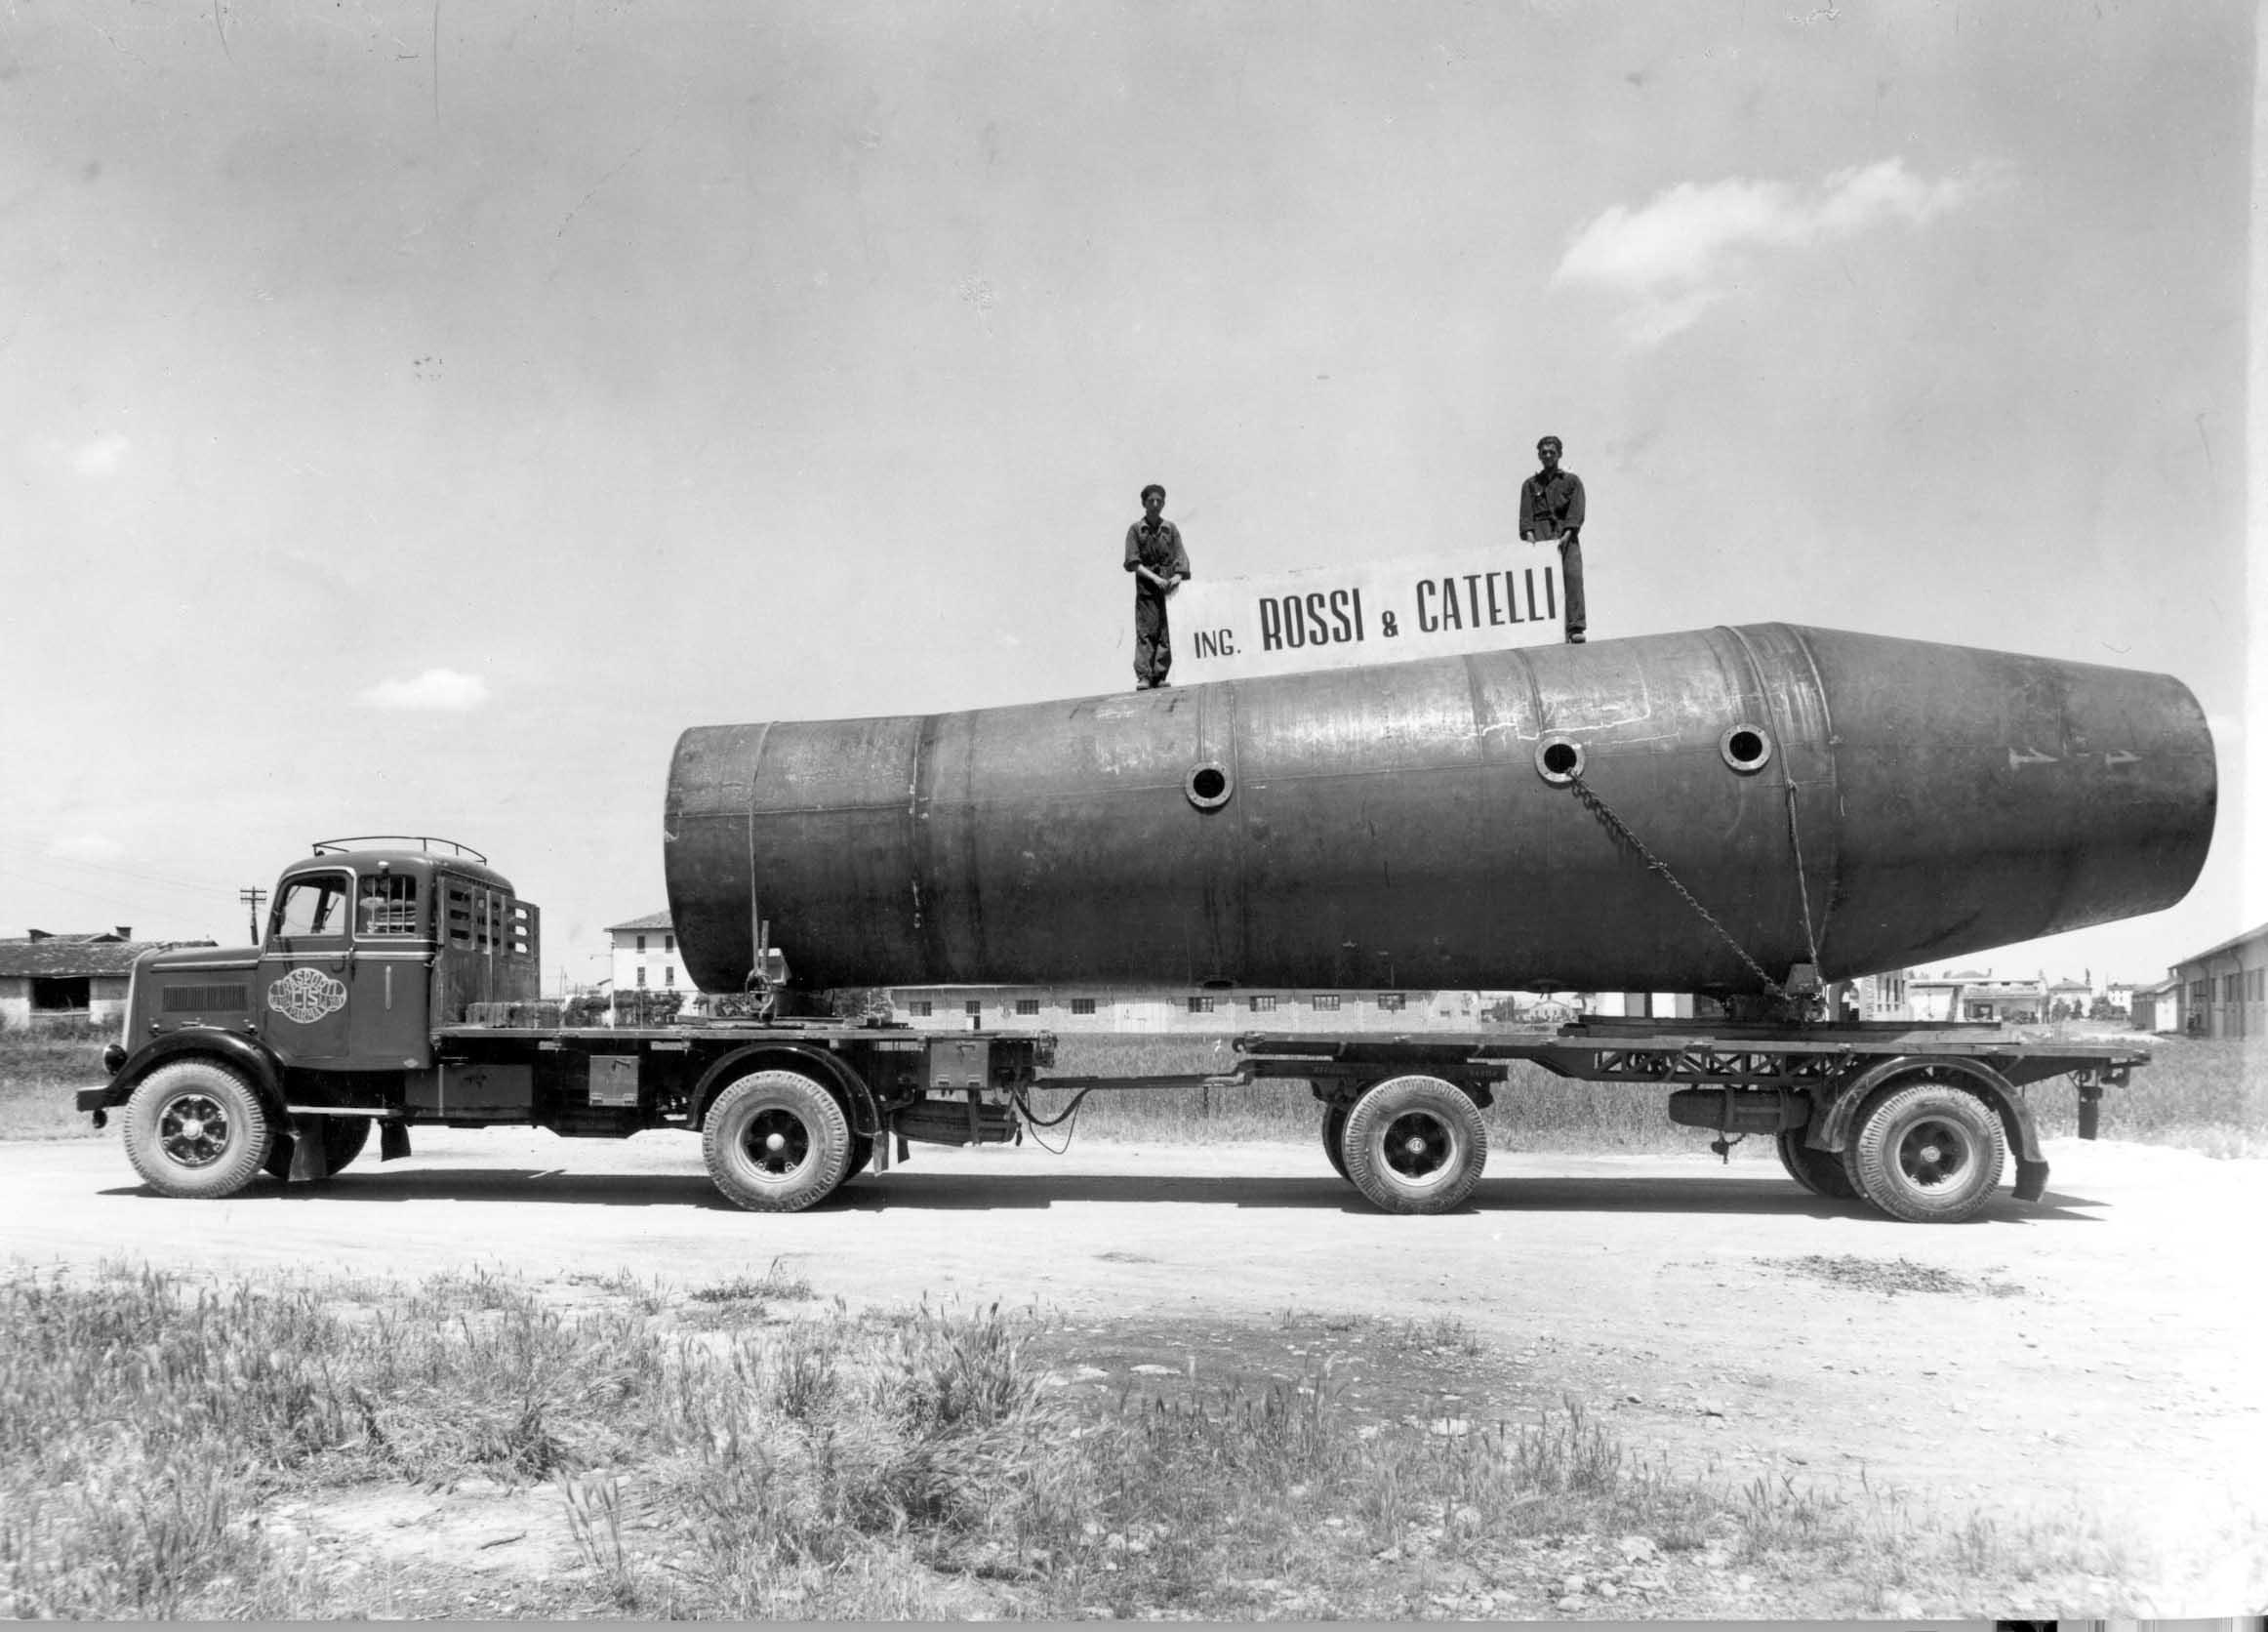 Elemento di un evaporatore per la lavorazione della barbabietole da zucchero costruito dalla Rossi & Catelli nel 1954.